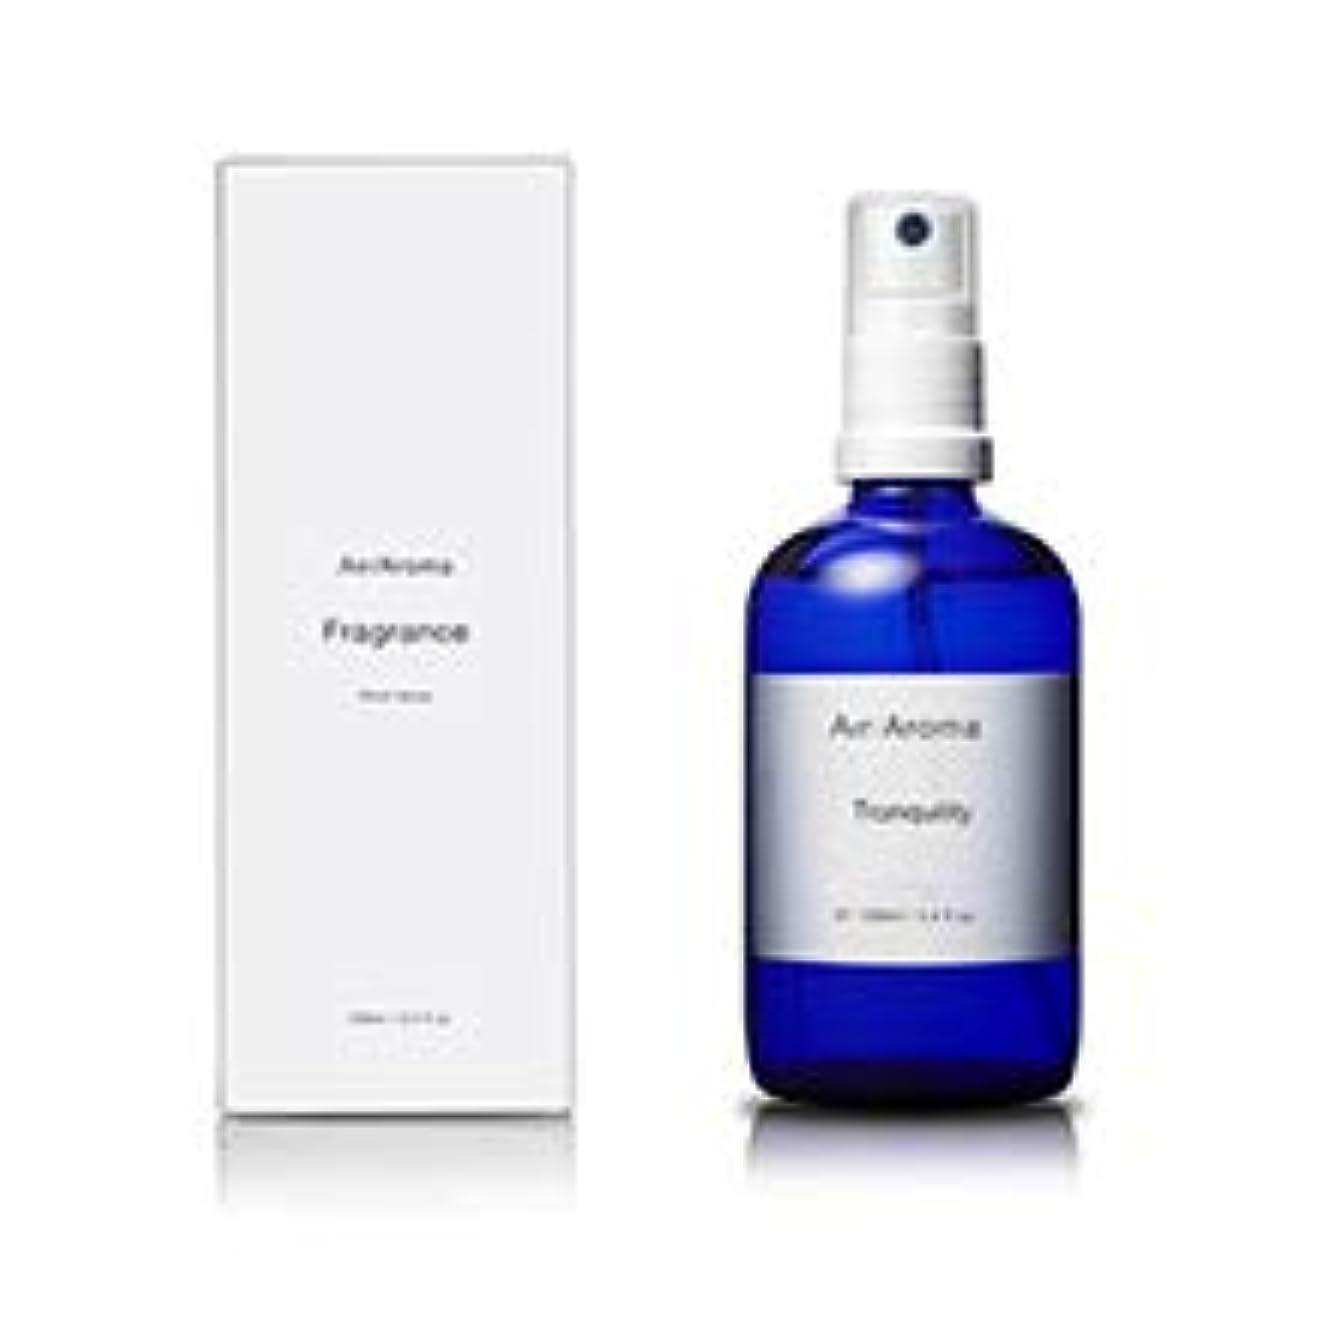 スポーツ気まぐれなデンマークエアアロマ tranquility room fragrance (トランキリティー ルームフレグランス) 100ml